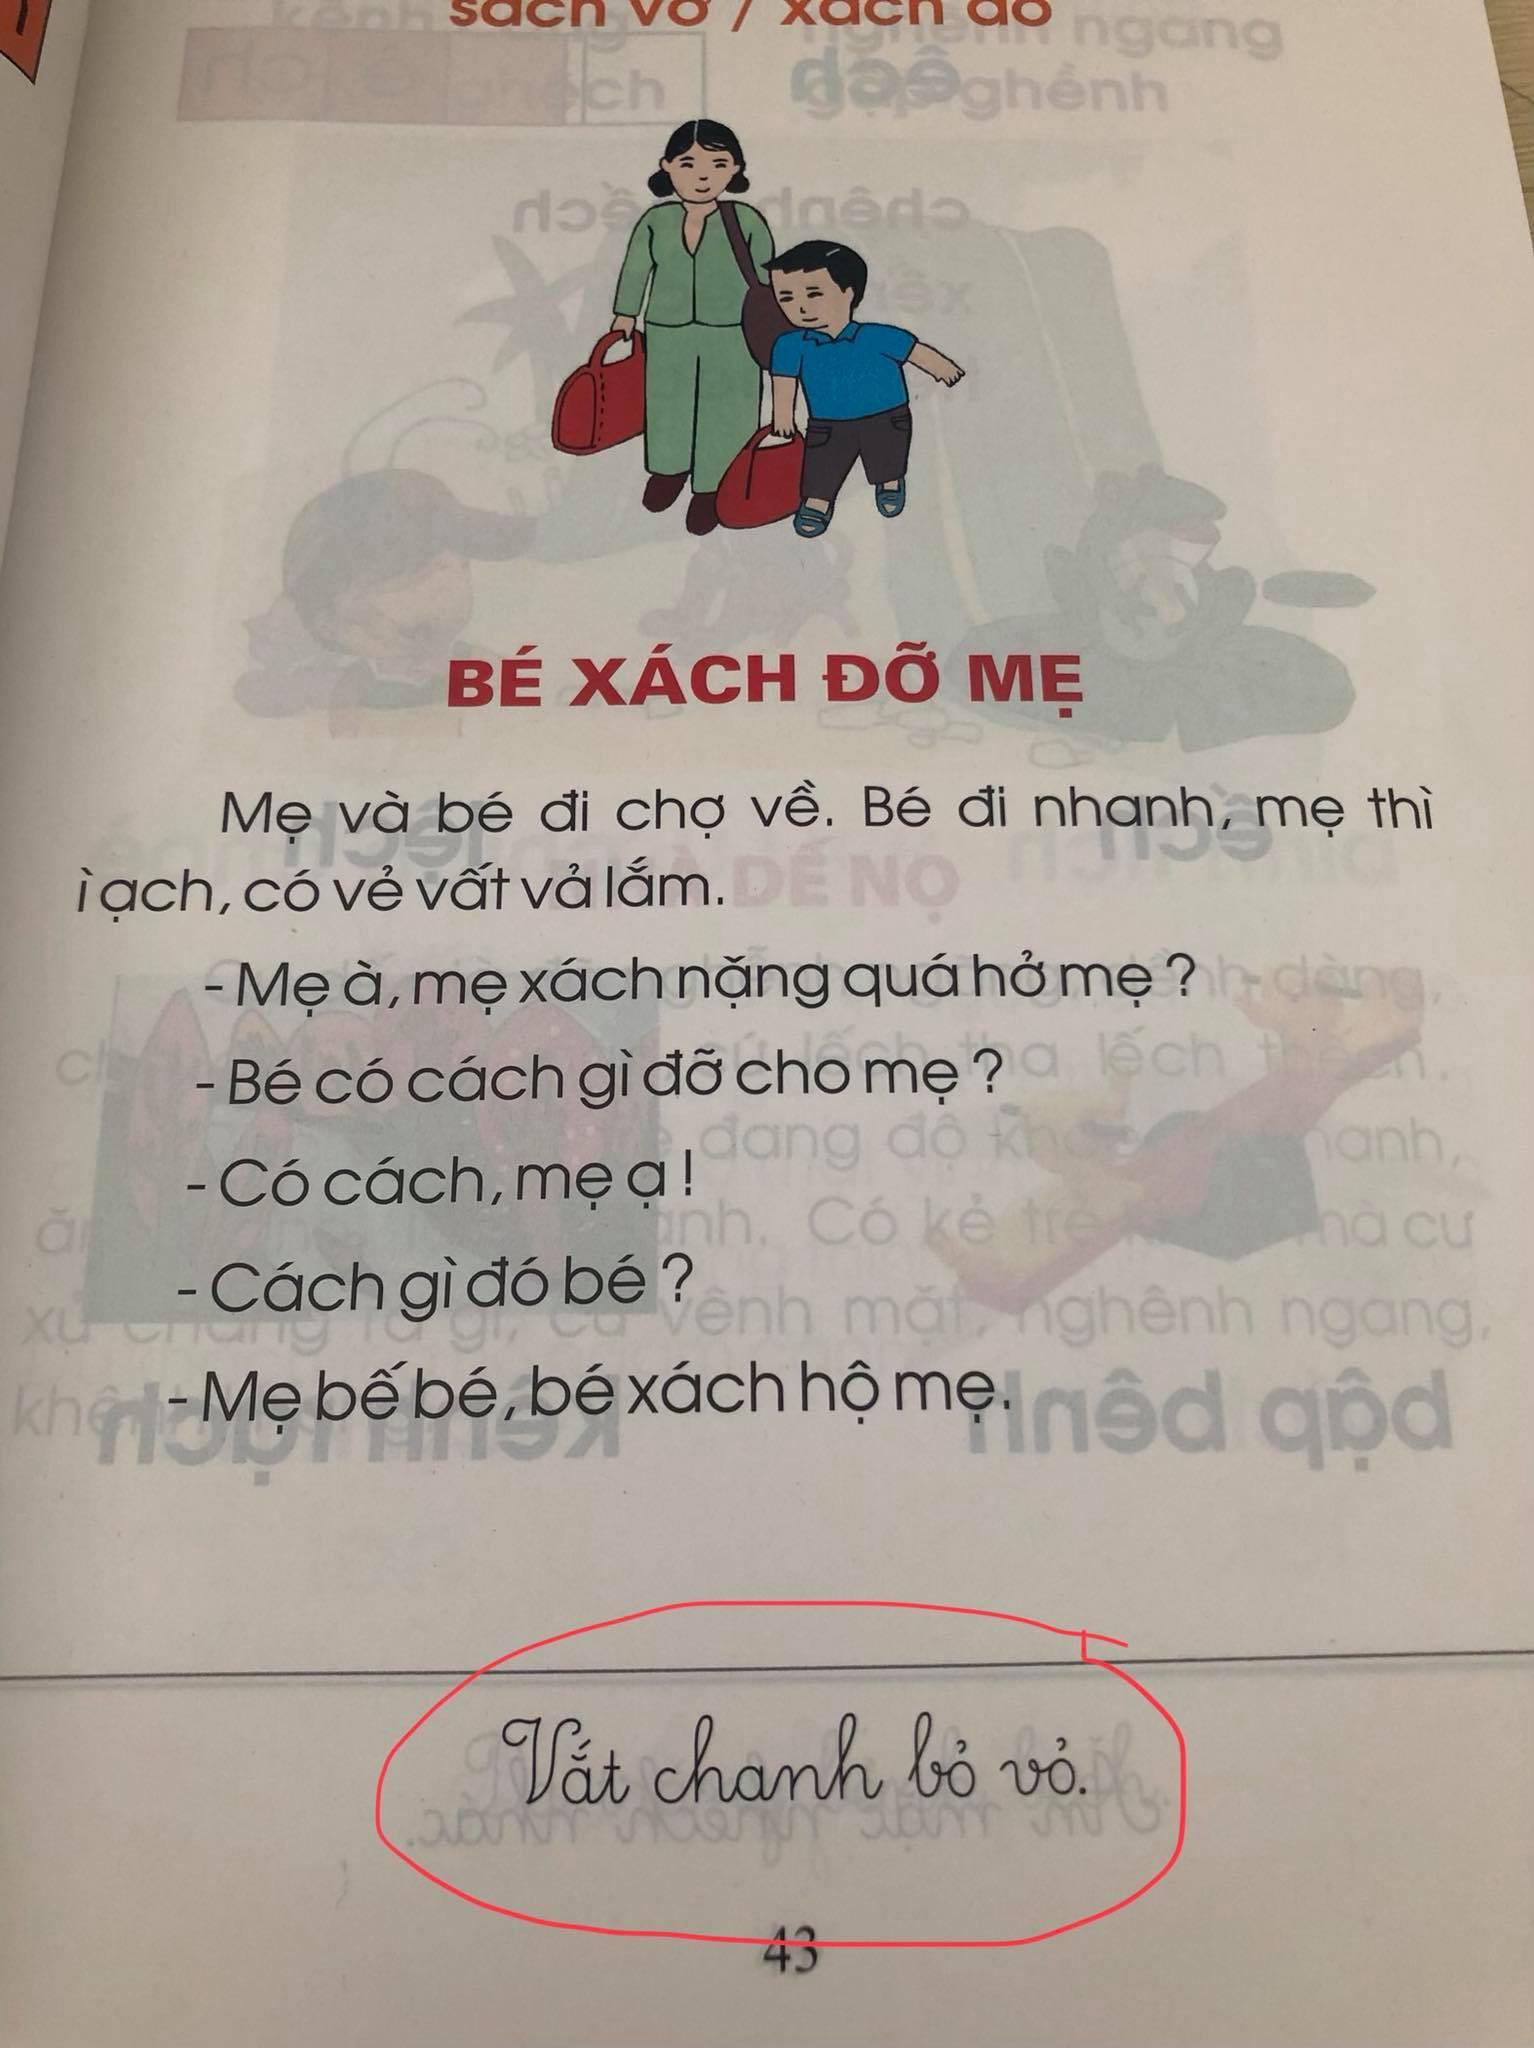 Ngày khai giảng, phụ huynh lo ngại về nội dung sách Tiếng Việt lớp 1 - Ảnh 3.